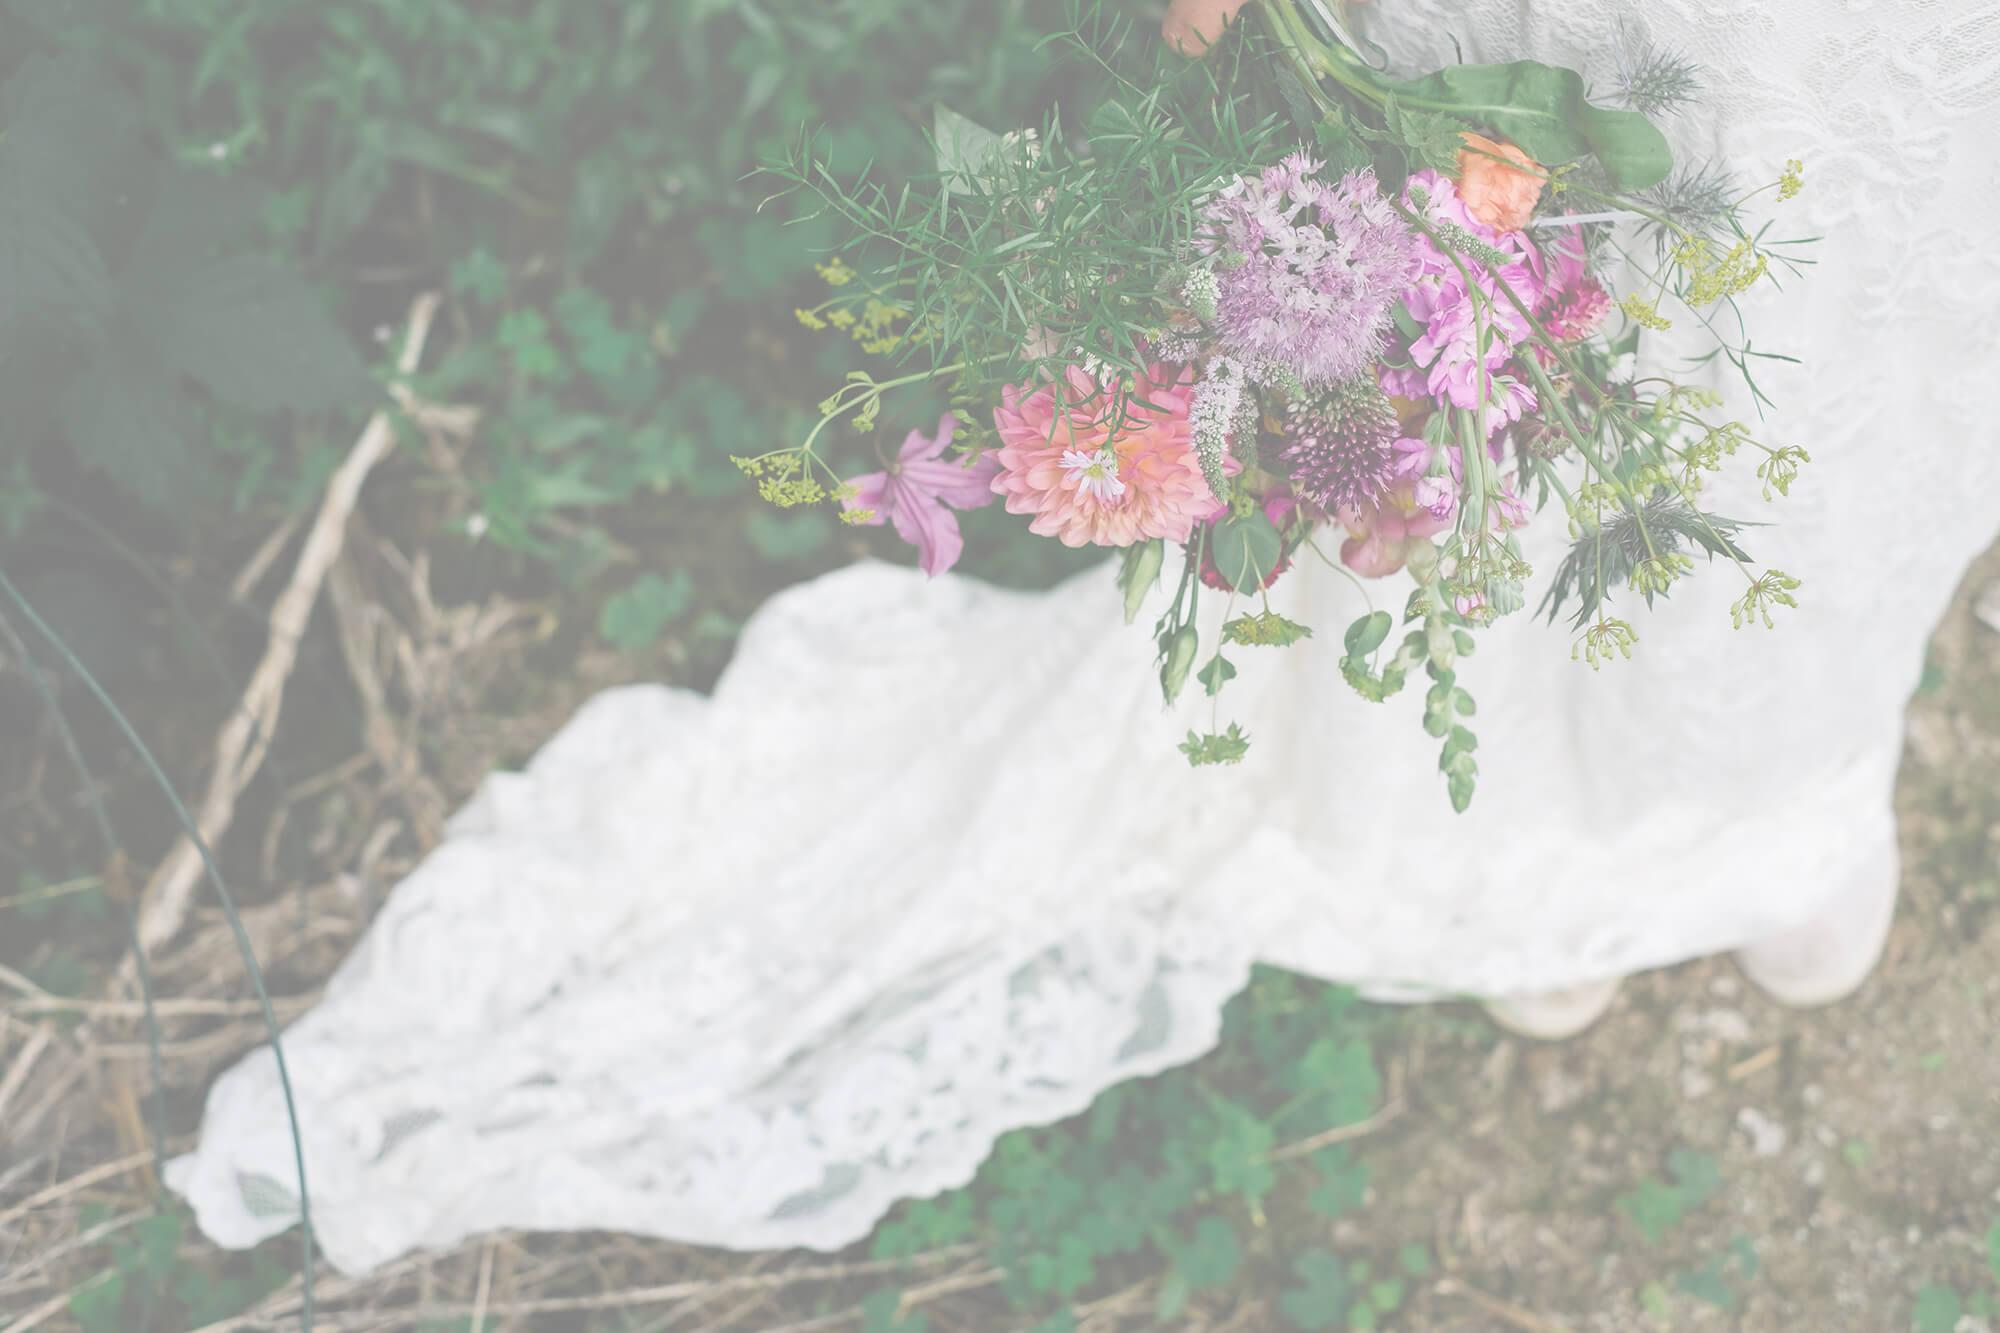 Trouwboeket, corsage, tafelversiering en ceremonie voor het trouwfeest van Sarah en Dimitri